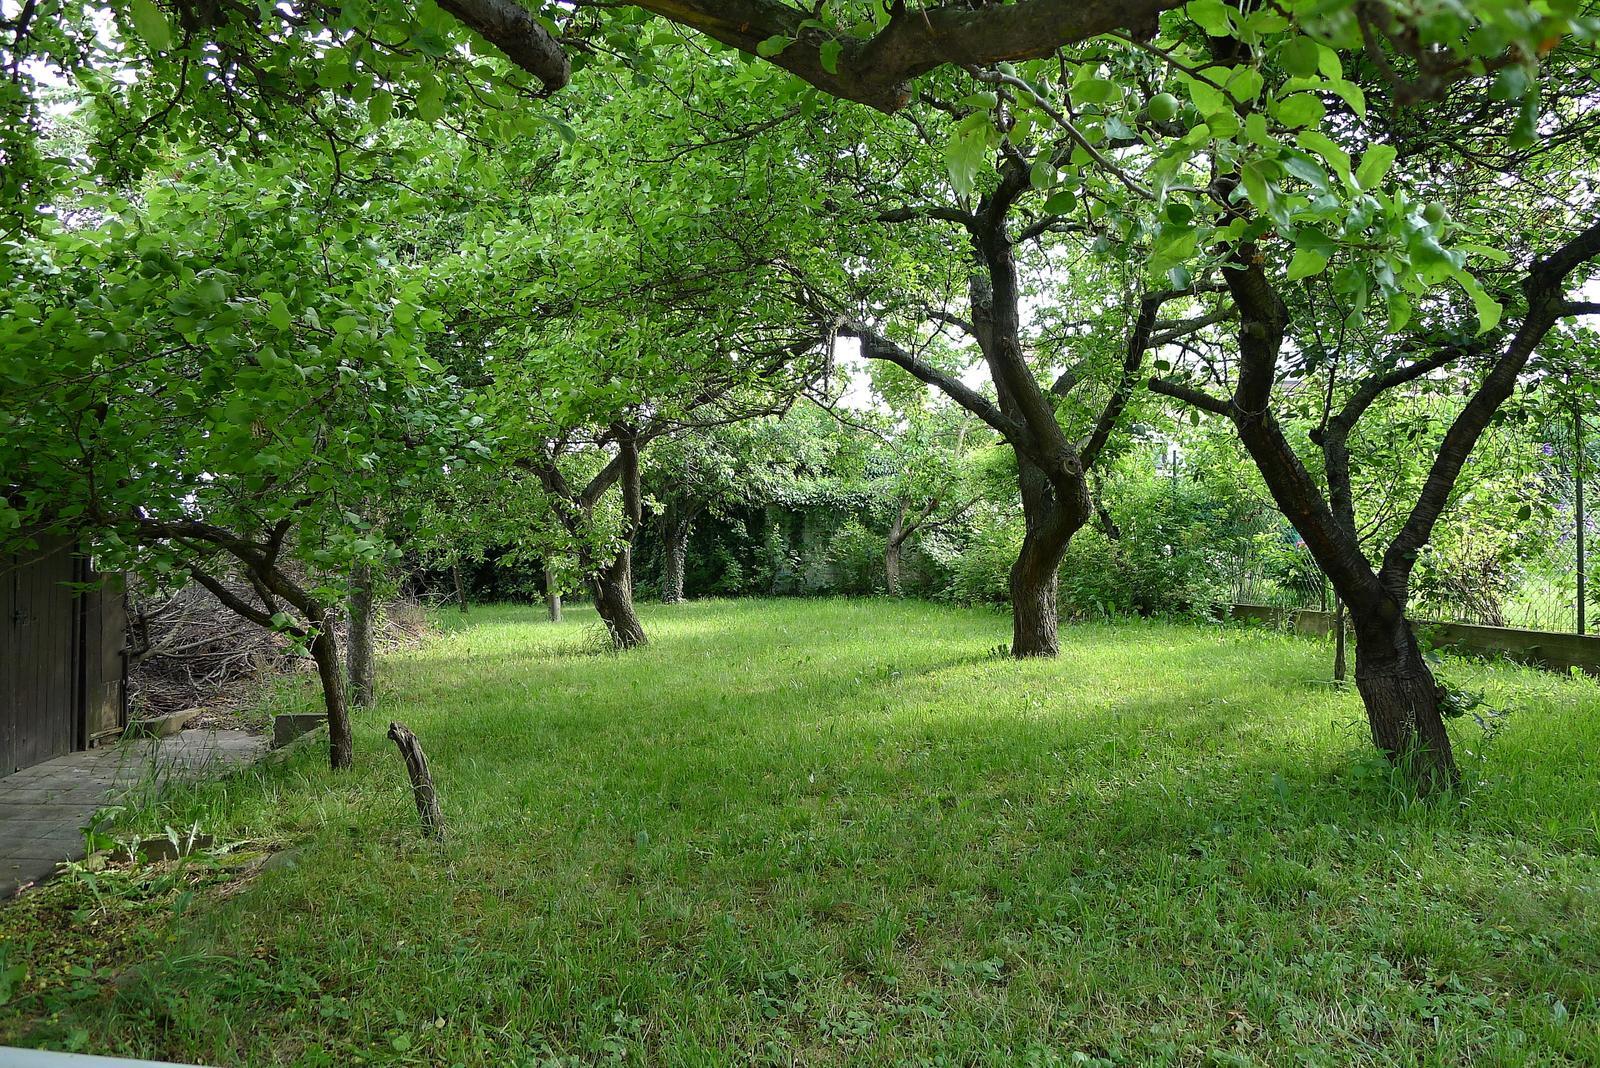 Rekonstrukce našeho domečku - pohled do zahrady....budeme ji muset prořezat, aby k nám mohlo sluníčko :o)